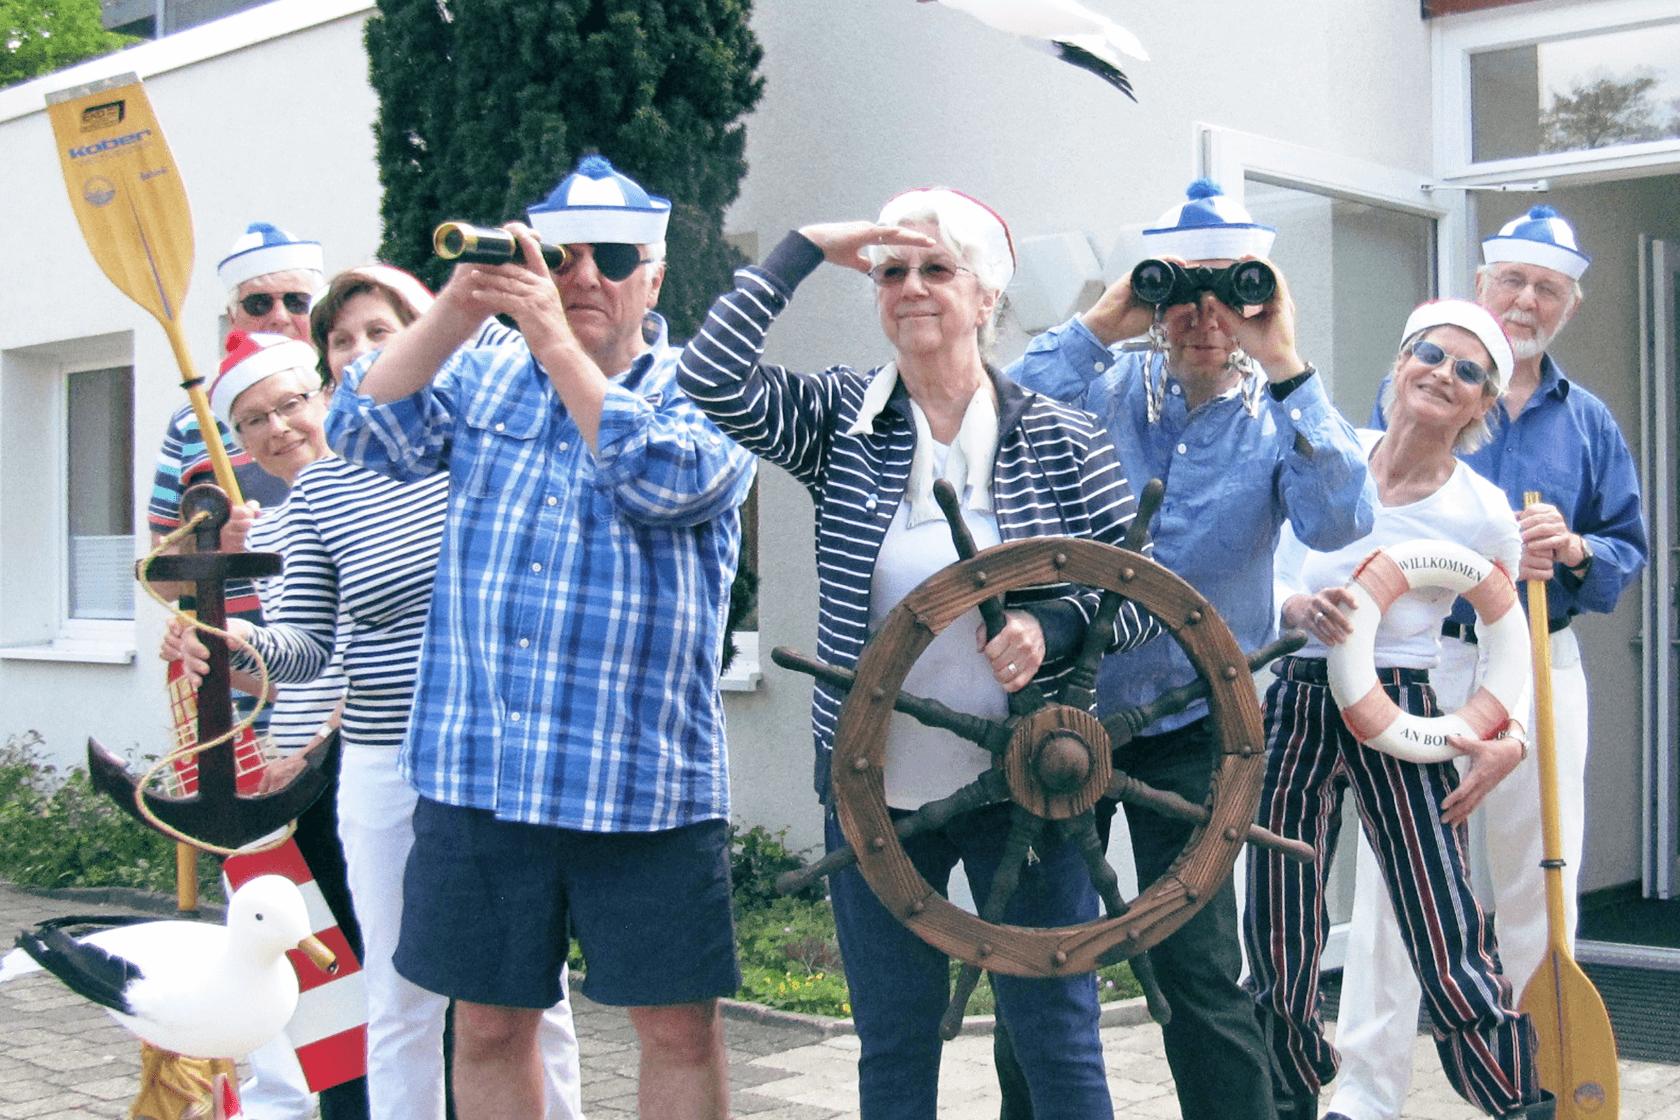 eine kleine Gruppe von Menschen illustriert mit blauweißer Kleidung und maritimen Requisiten ein Wochenthema im Begegnungszentrum